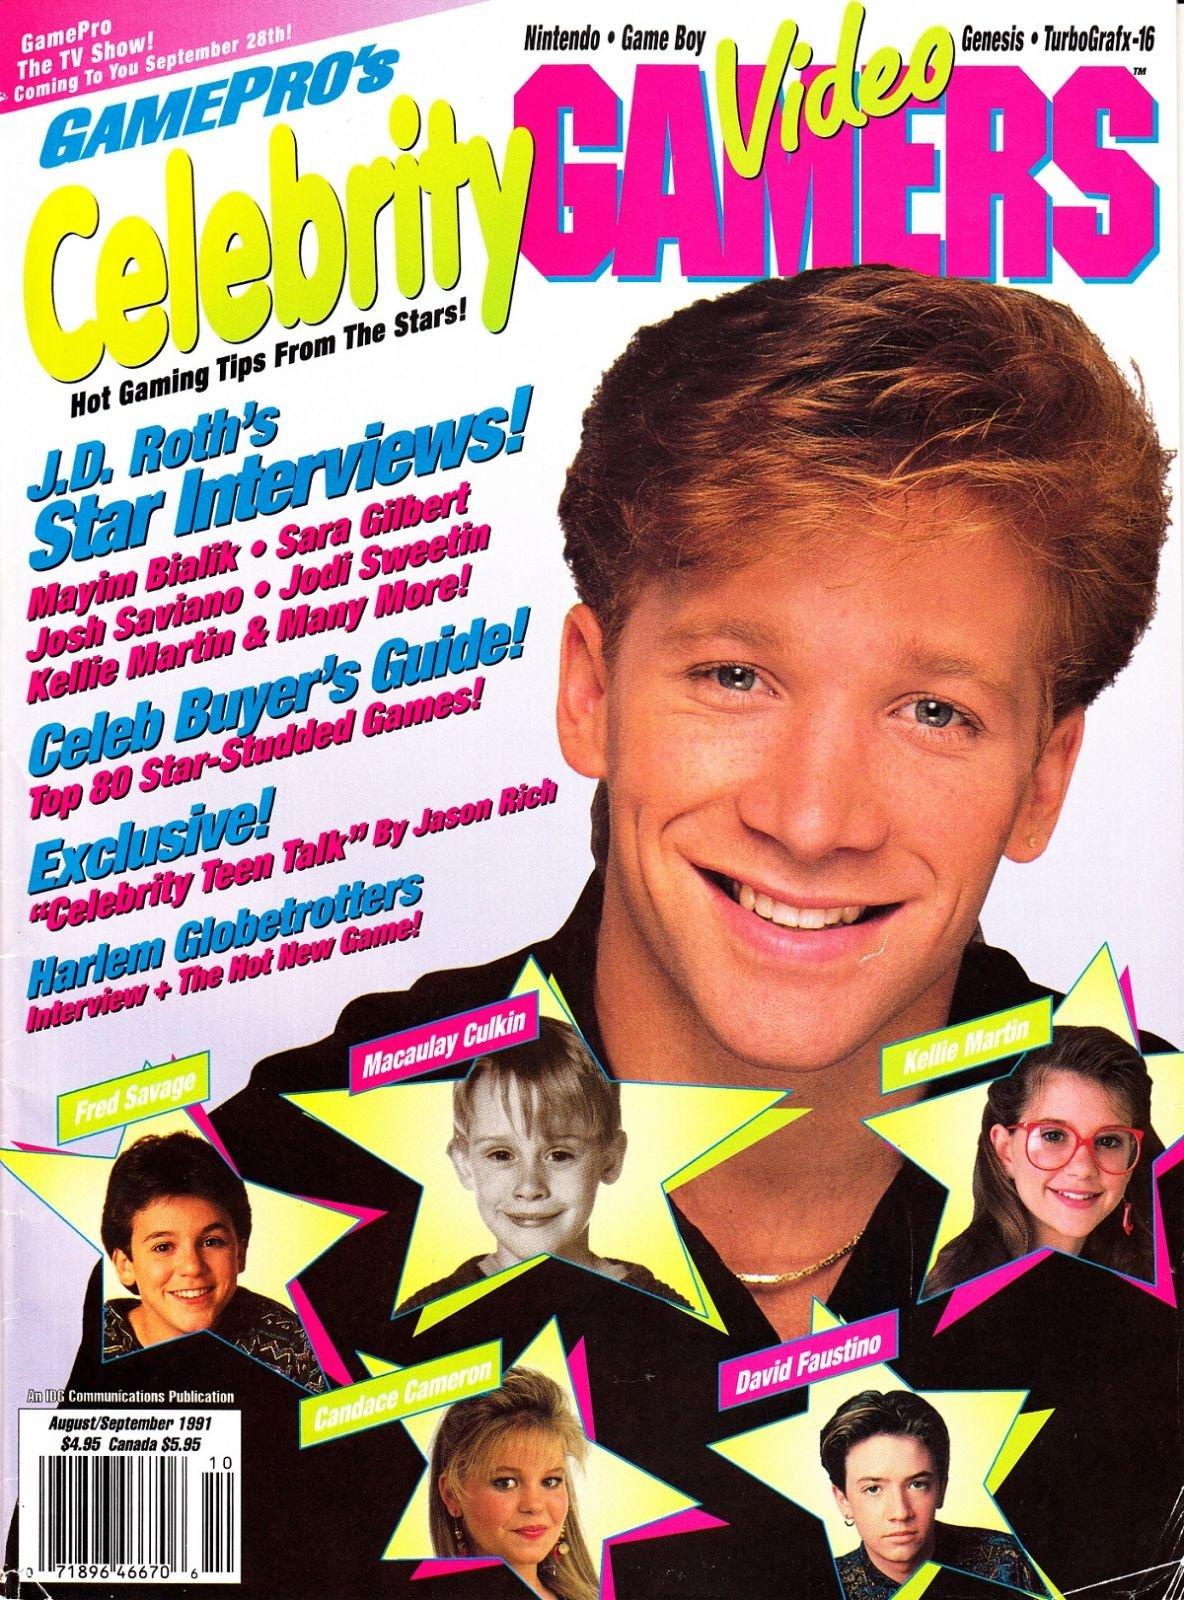 GamePro's Celebrity Video Gamers August/September 1991